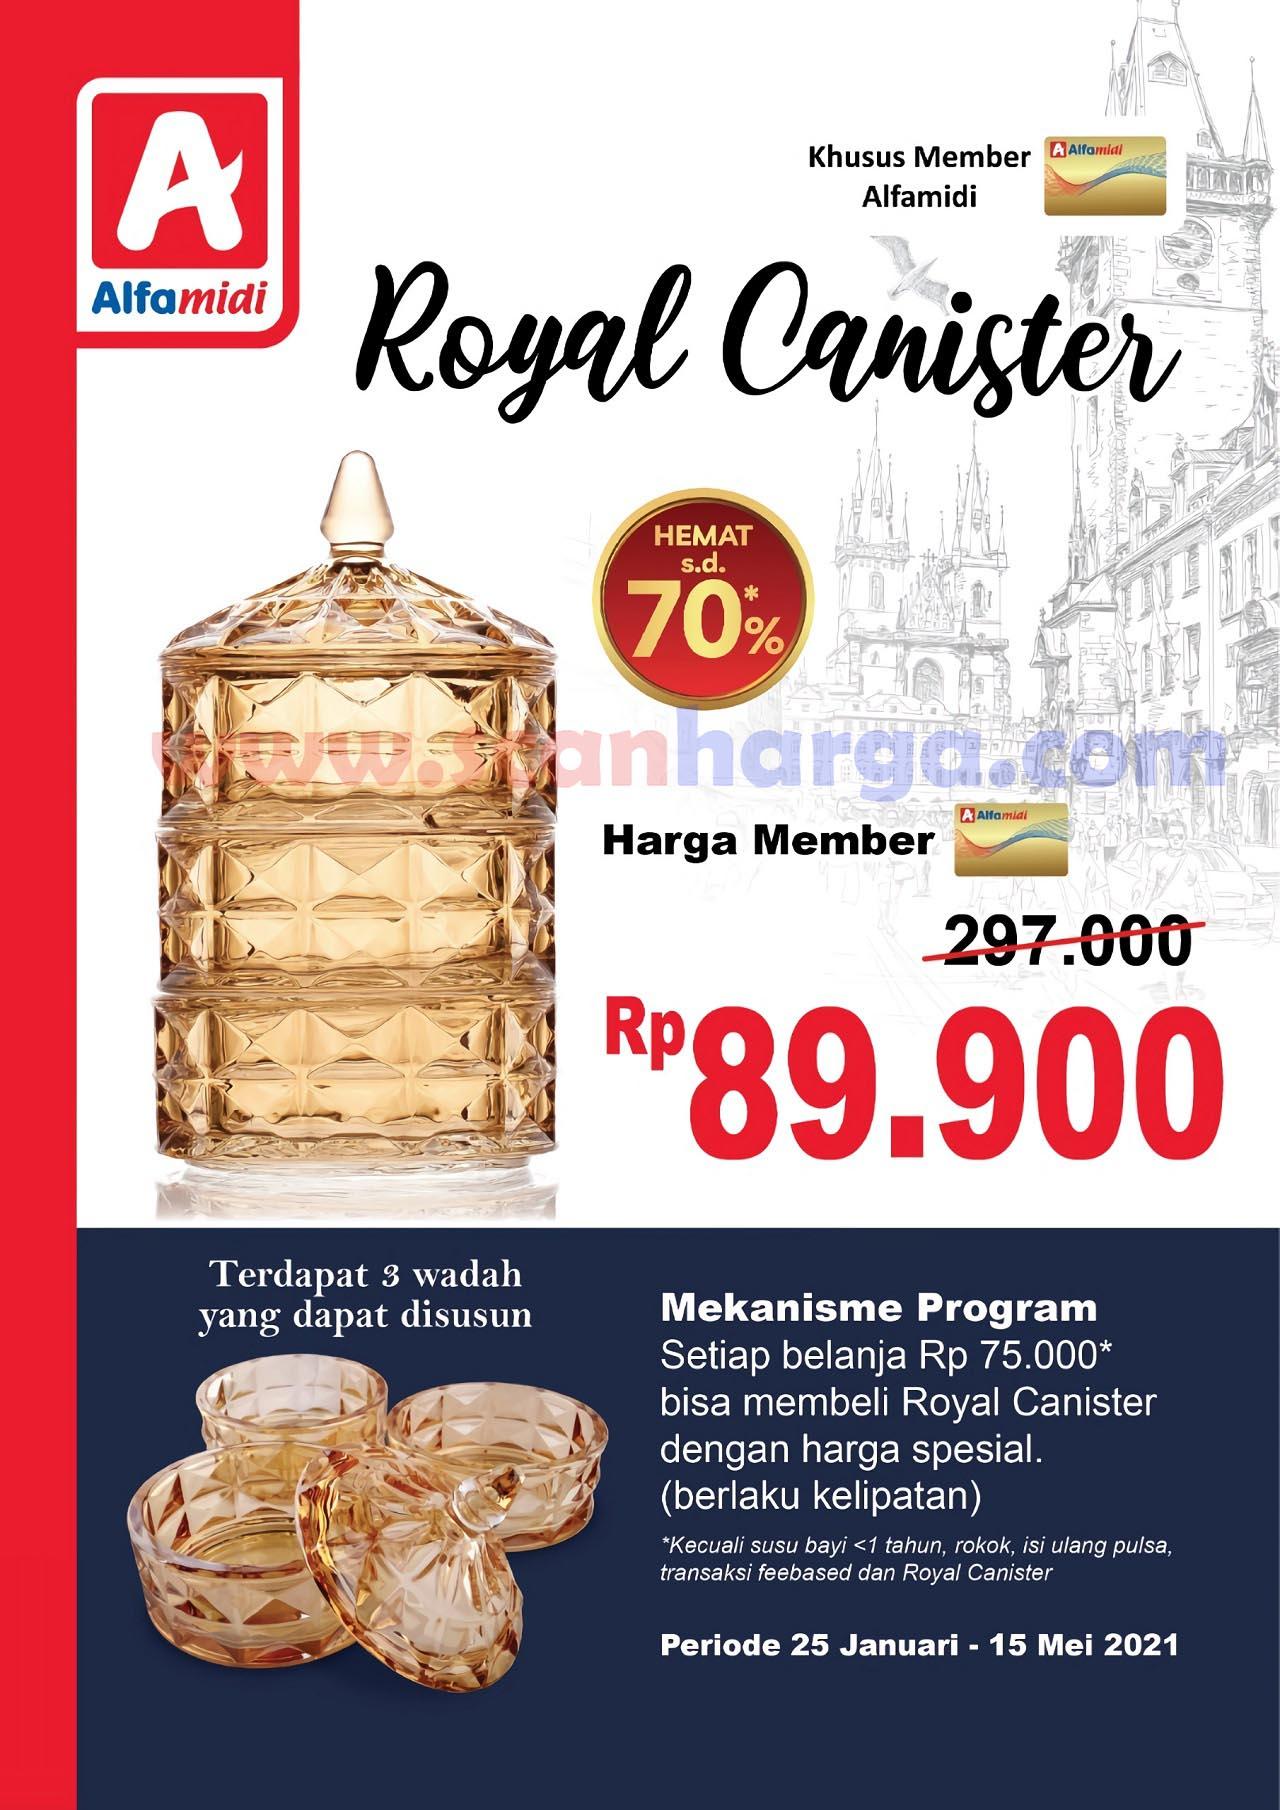 ALFAMIDI Promo ROYAL CANISTER! Harga Spesial hanya Rp 89.900